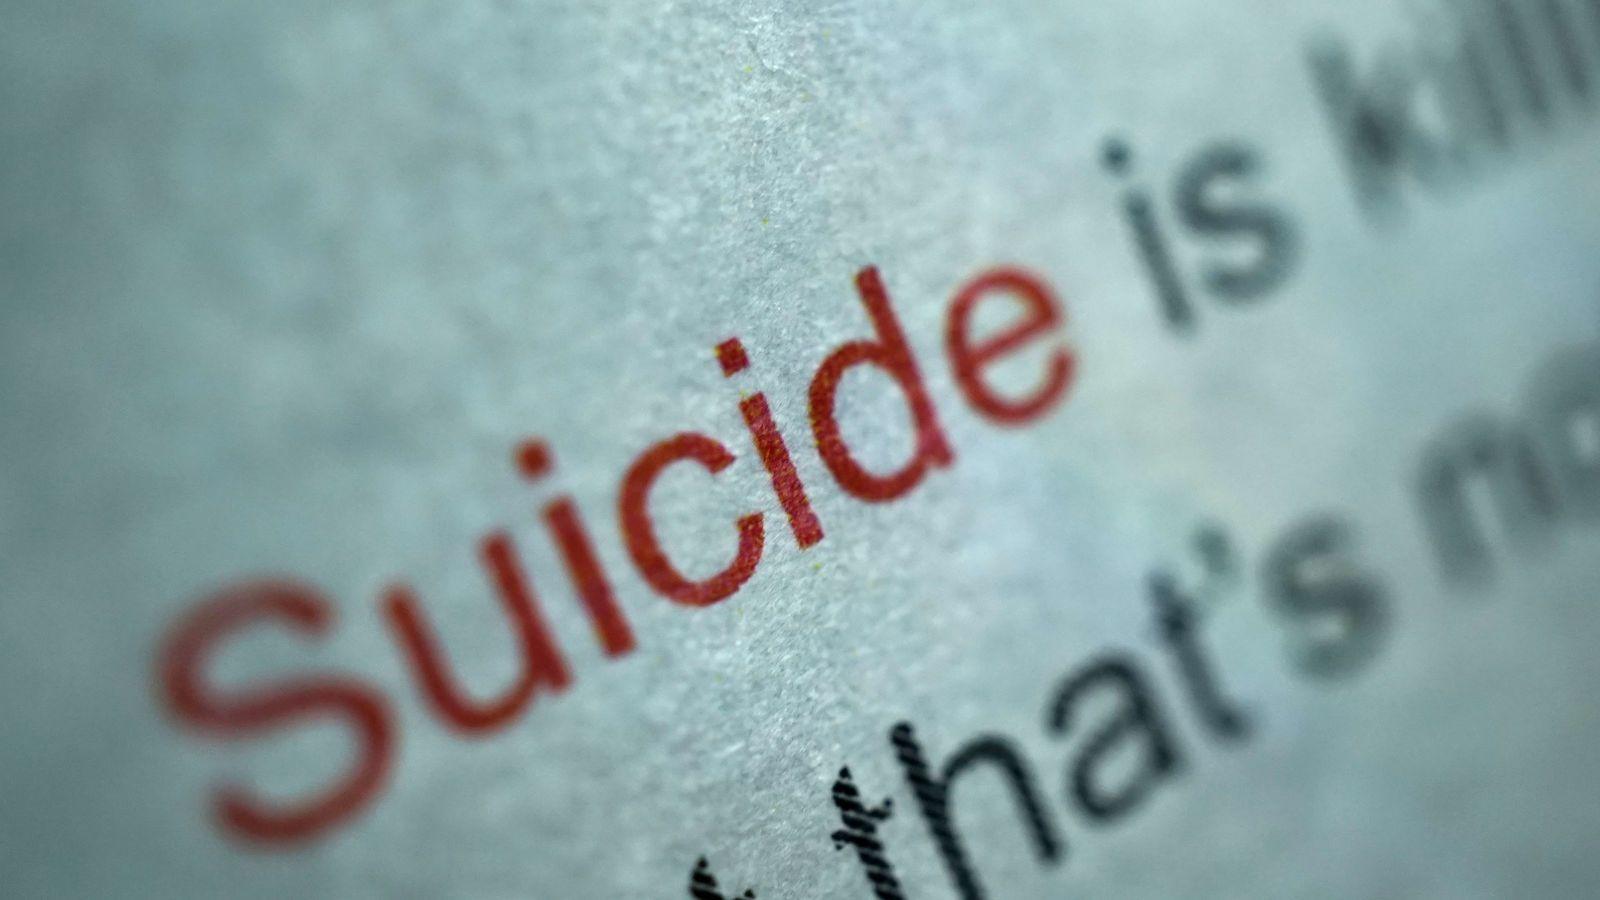 コロナ死よりはるかに多い「外出自粛死」「経済自粛死」の恐怖 「集団的浅慮」が自殺者を量産する